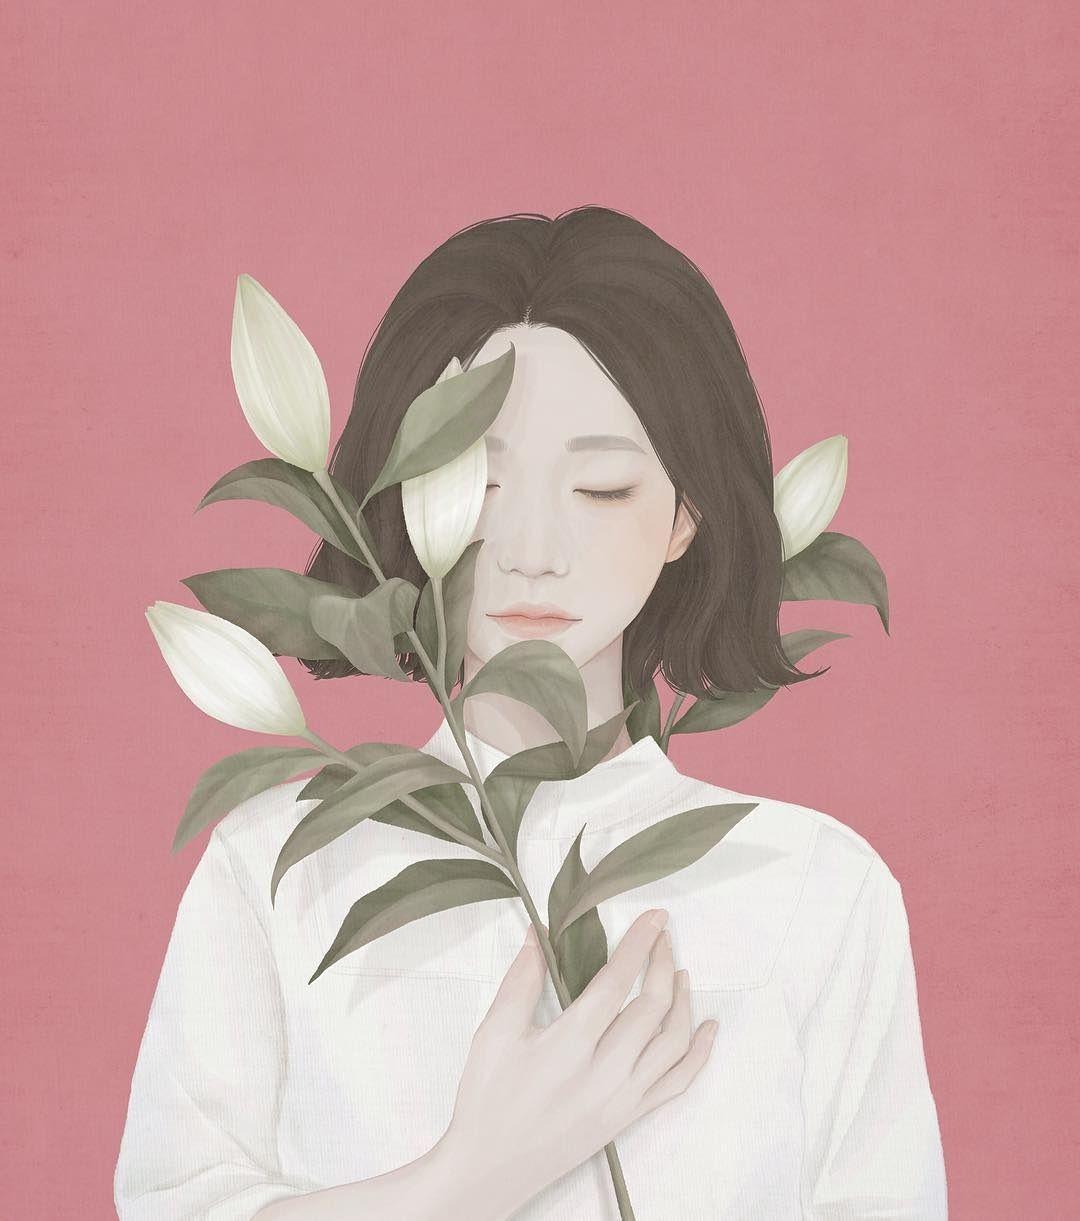 Ensee's Delicate Digital Paintings